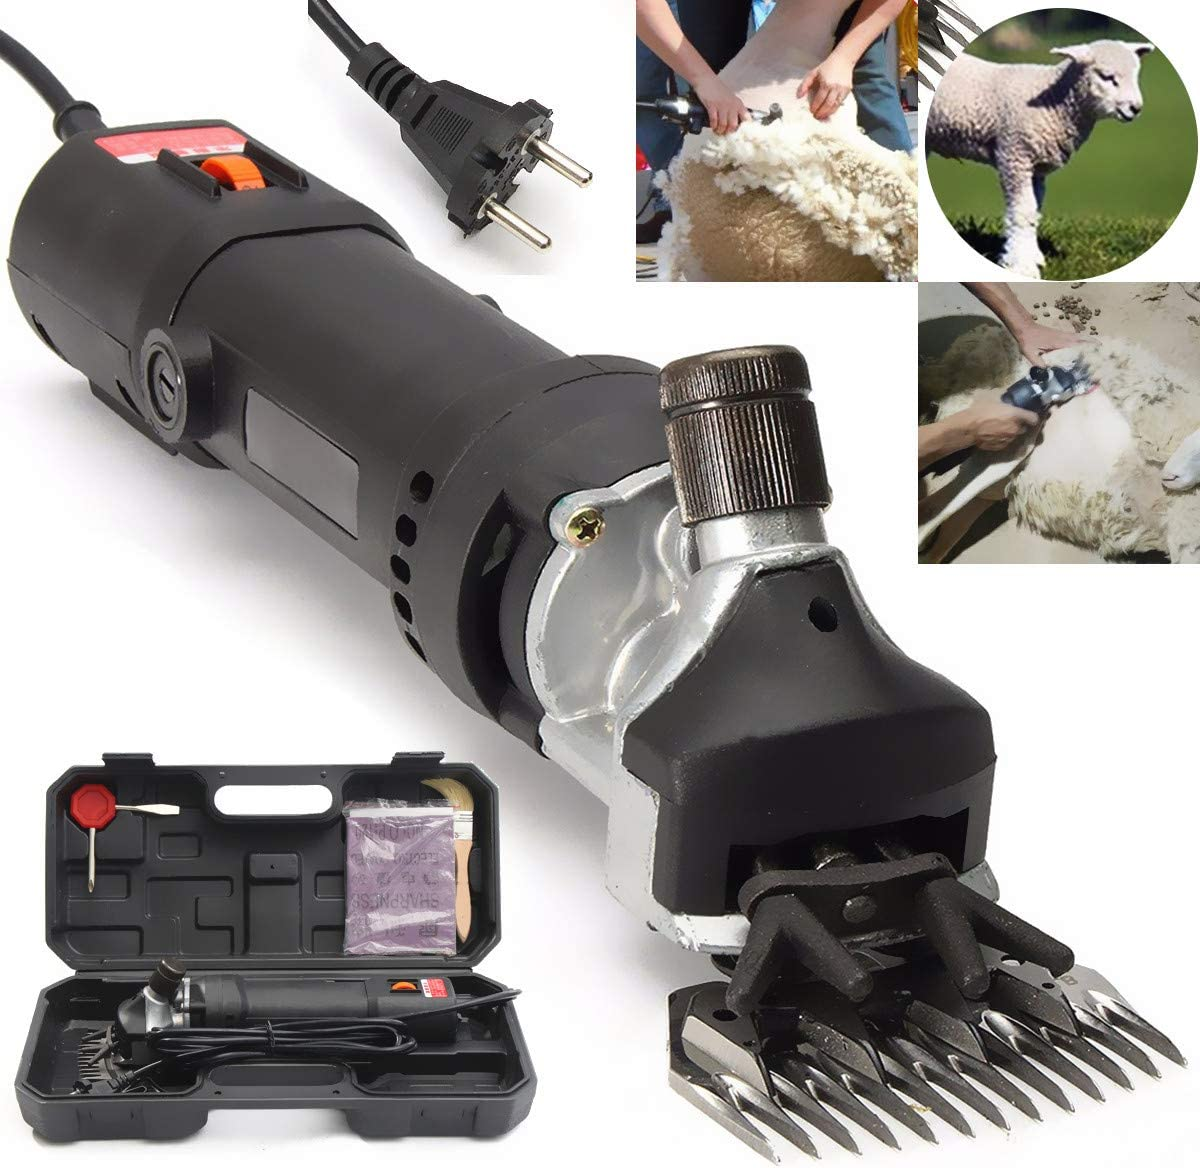 850ワットac 110-220ボルト電気羊犬ペットバリカン動物せん断用品ヤギアルパカファームカット機